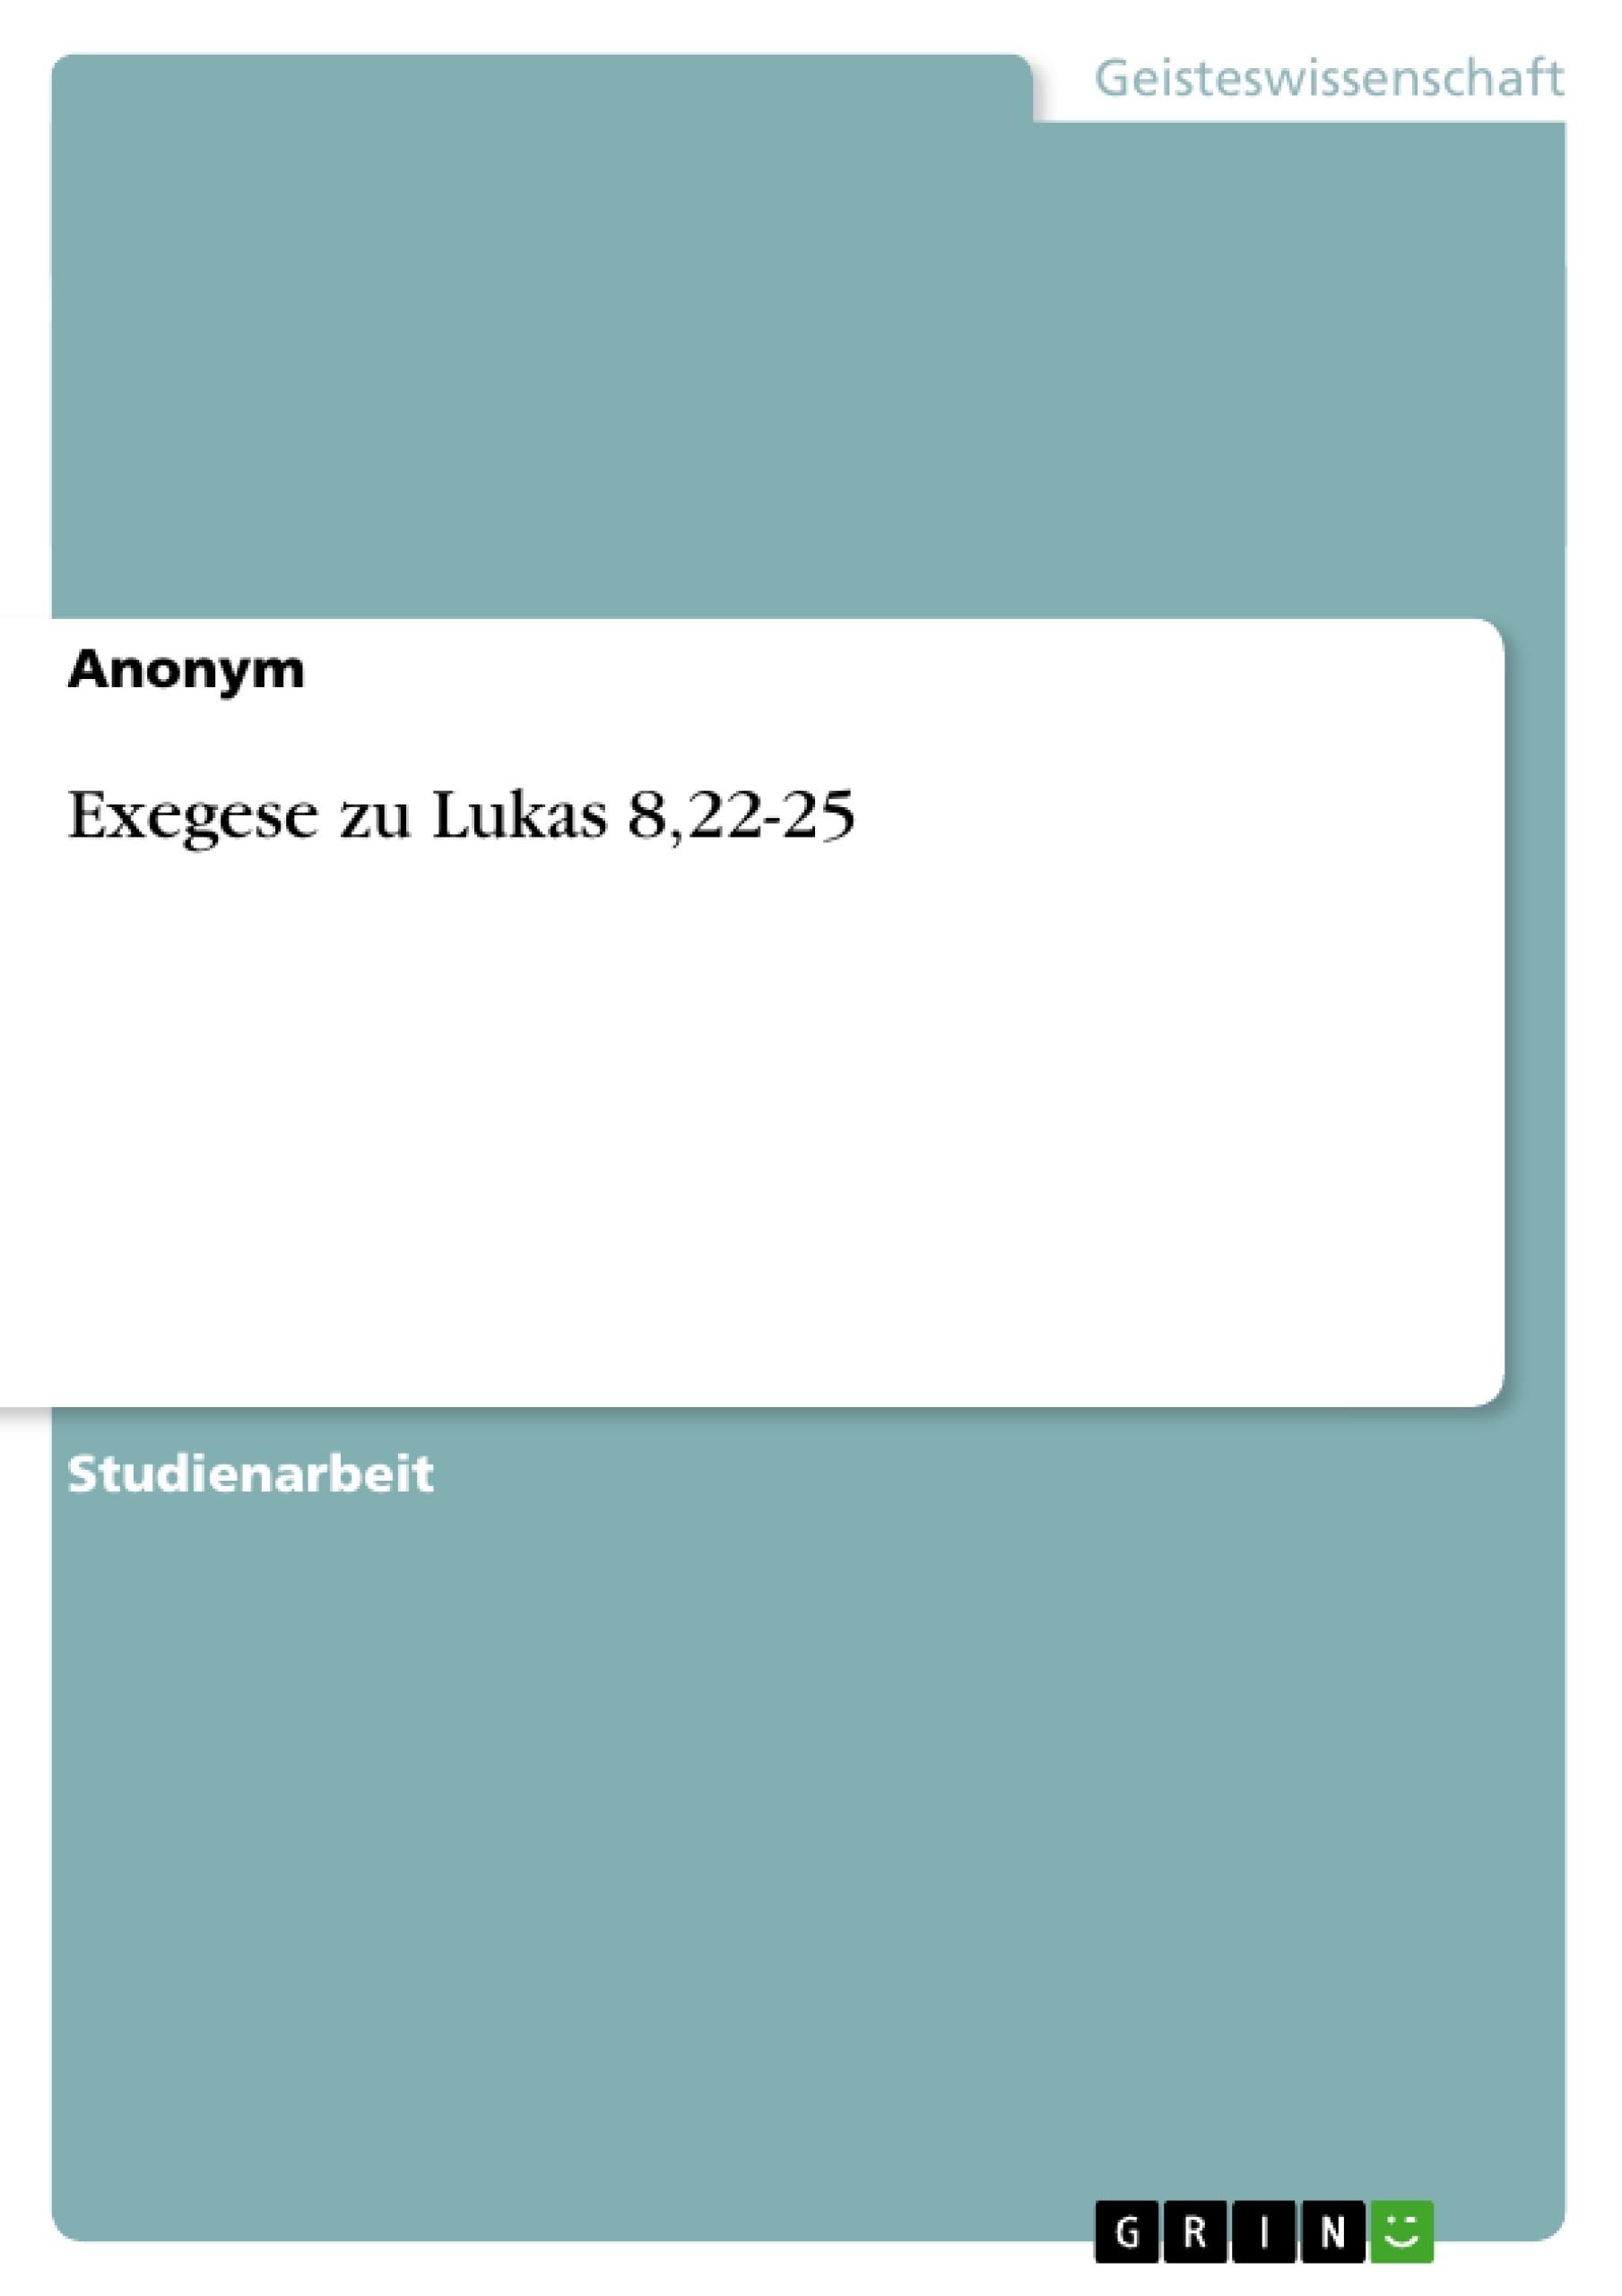 Titel: Exegese zu Lukas 8,22-25